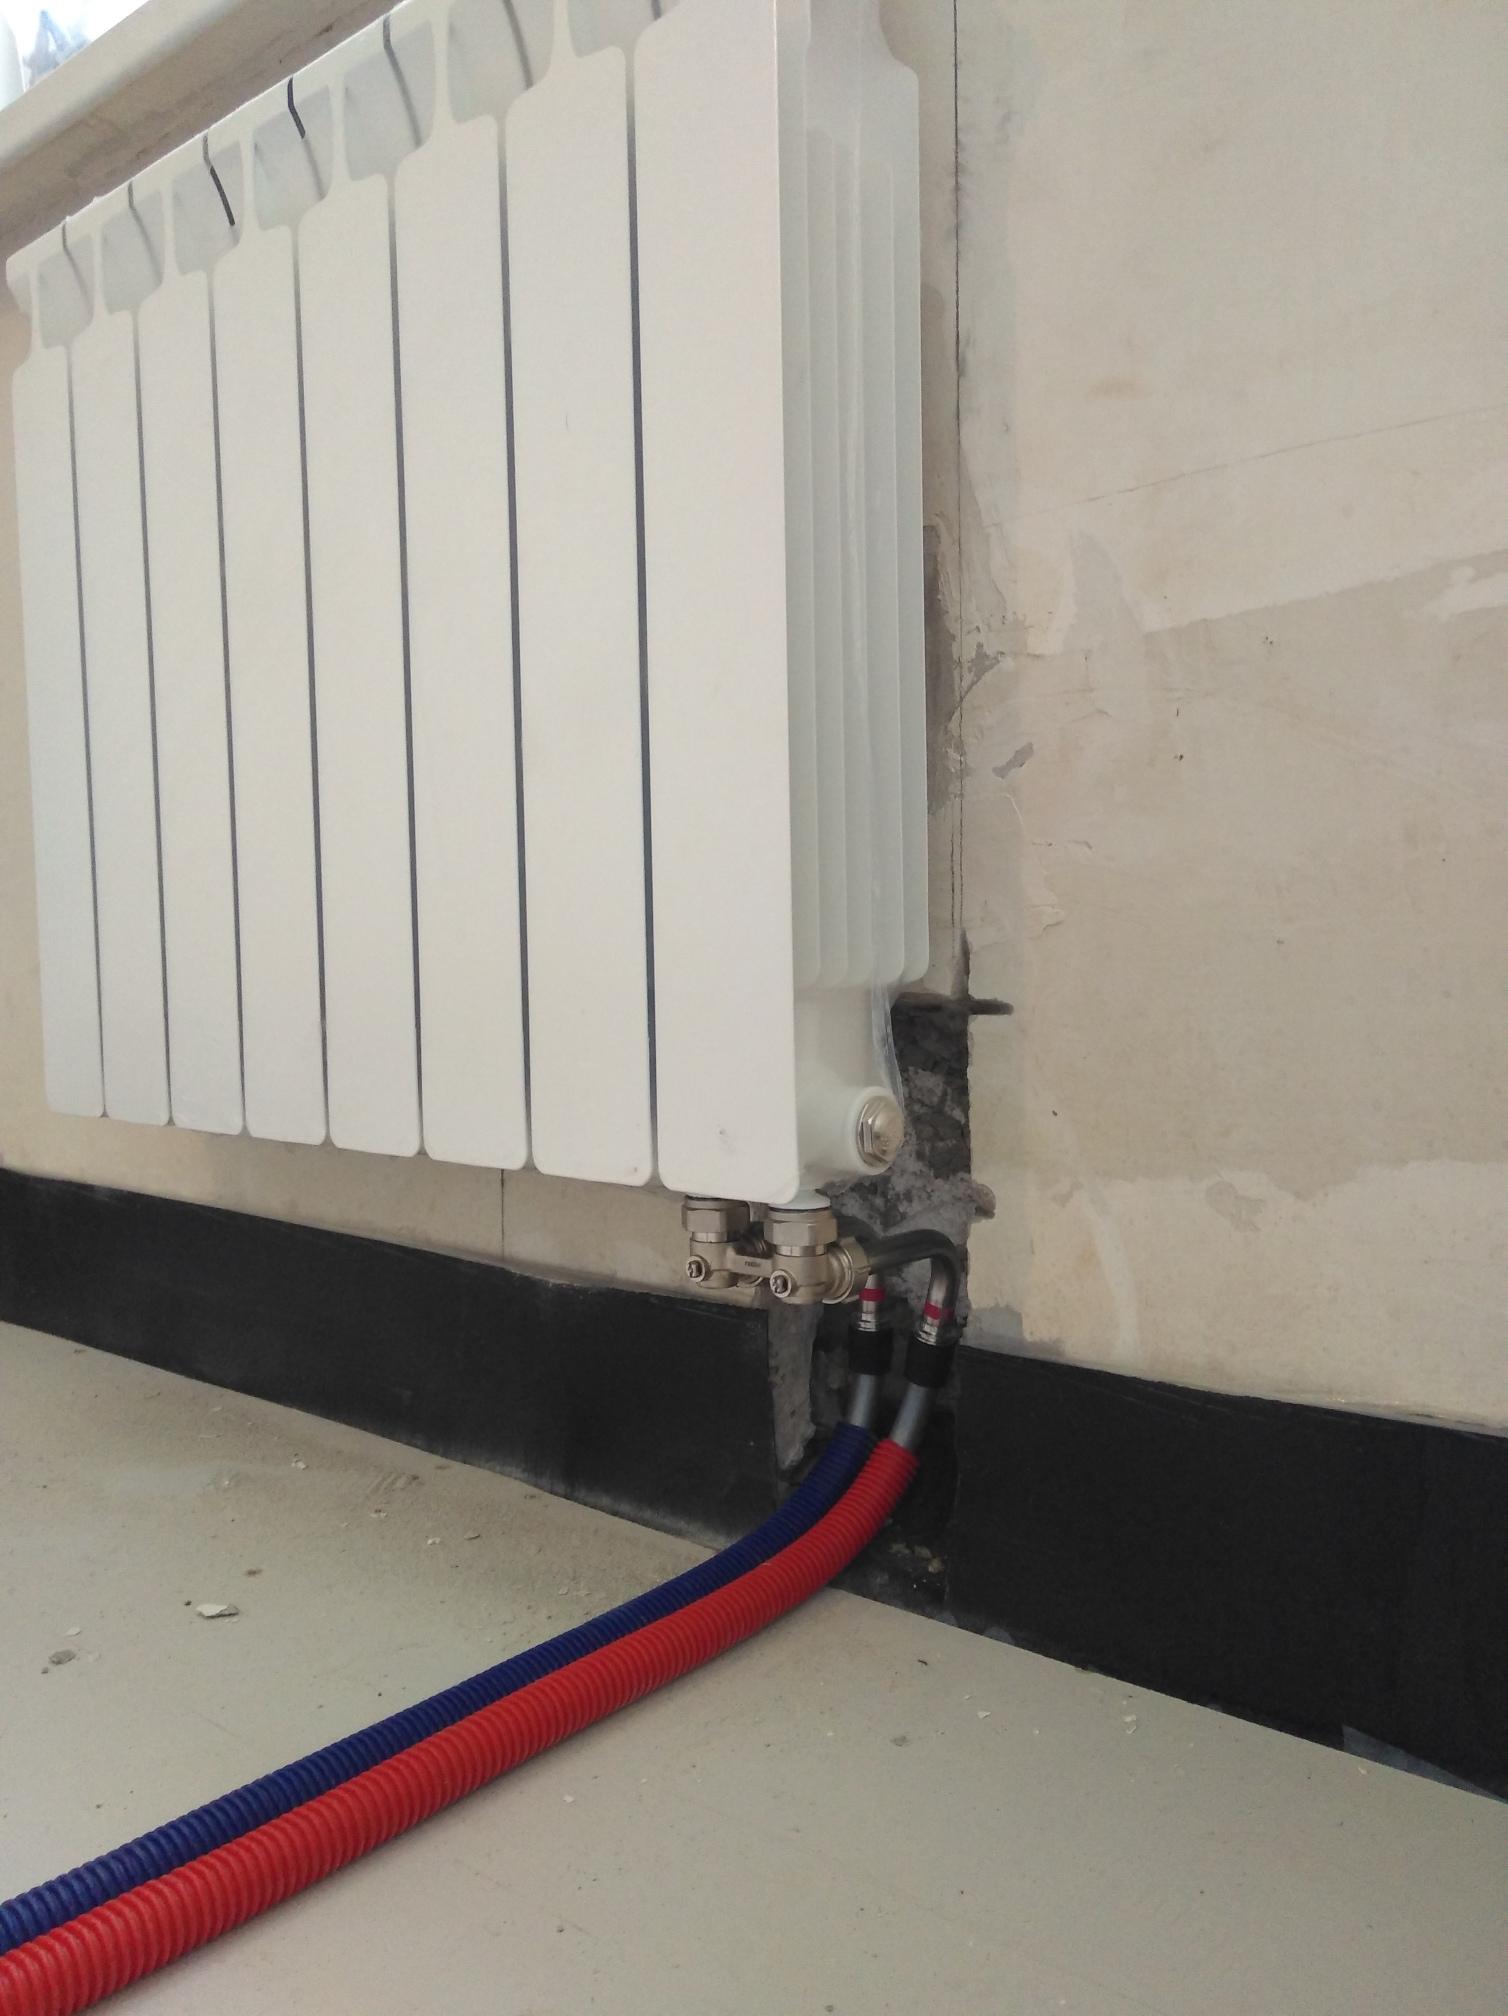 montazh-radiatorov-otopleniya-08